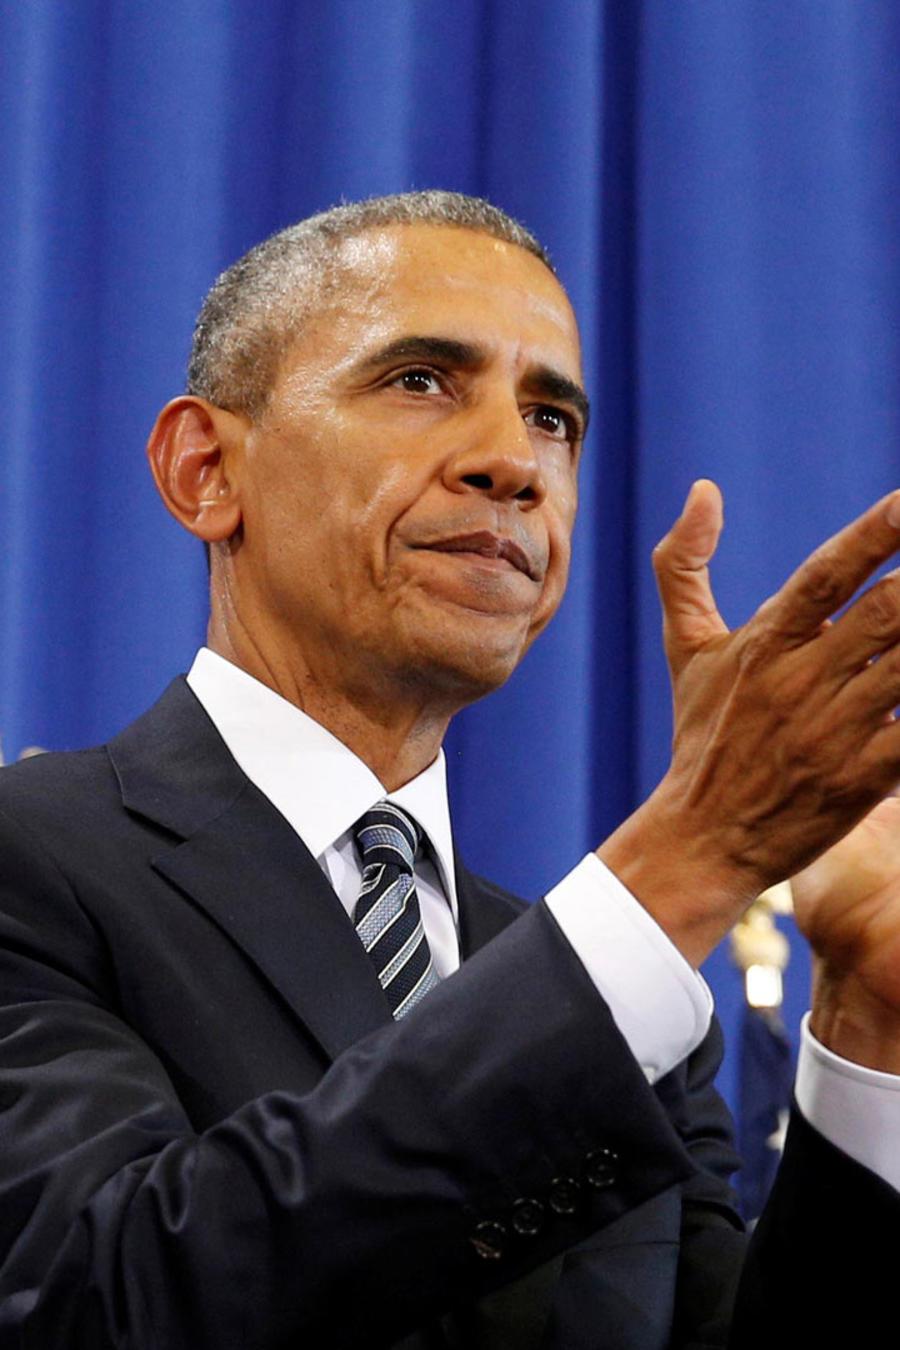 obama aplaudiendo